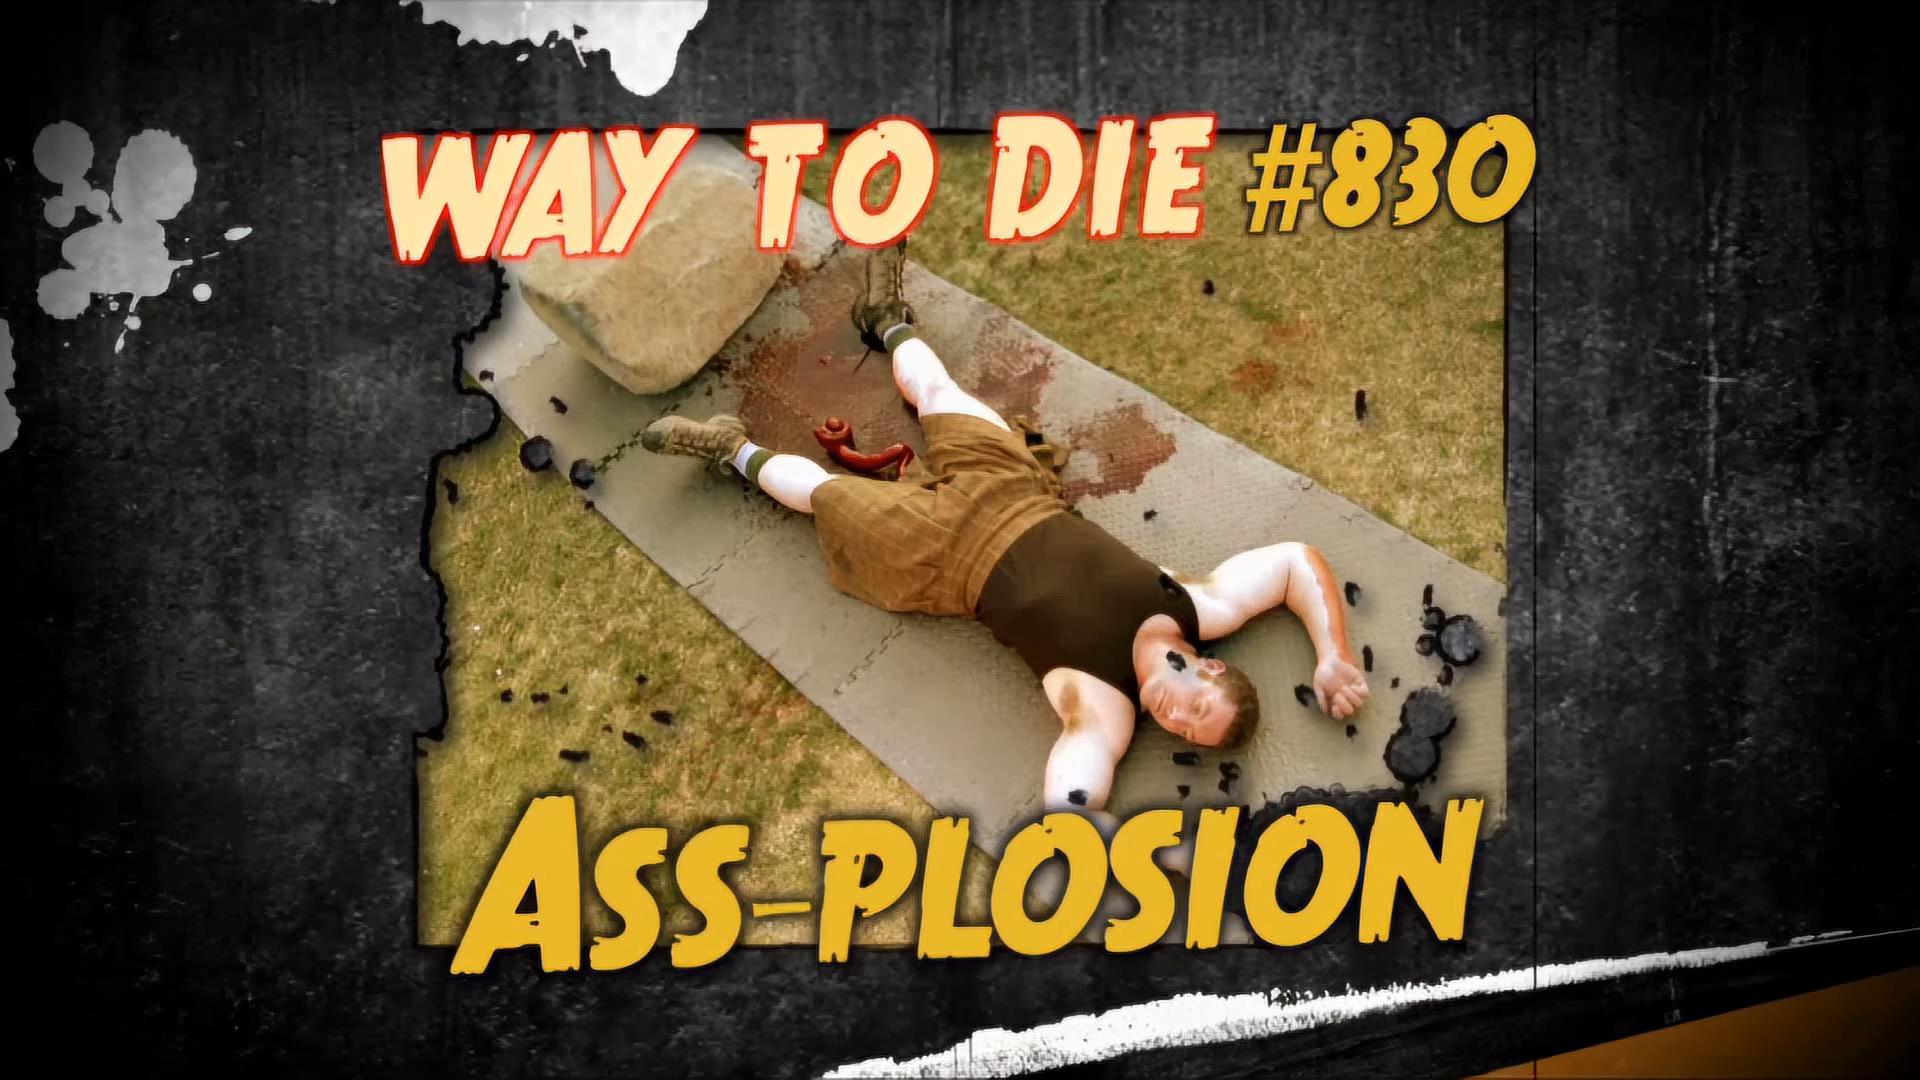 Ass-Plosion